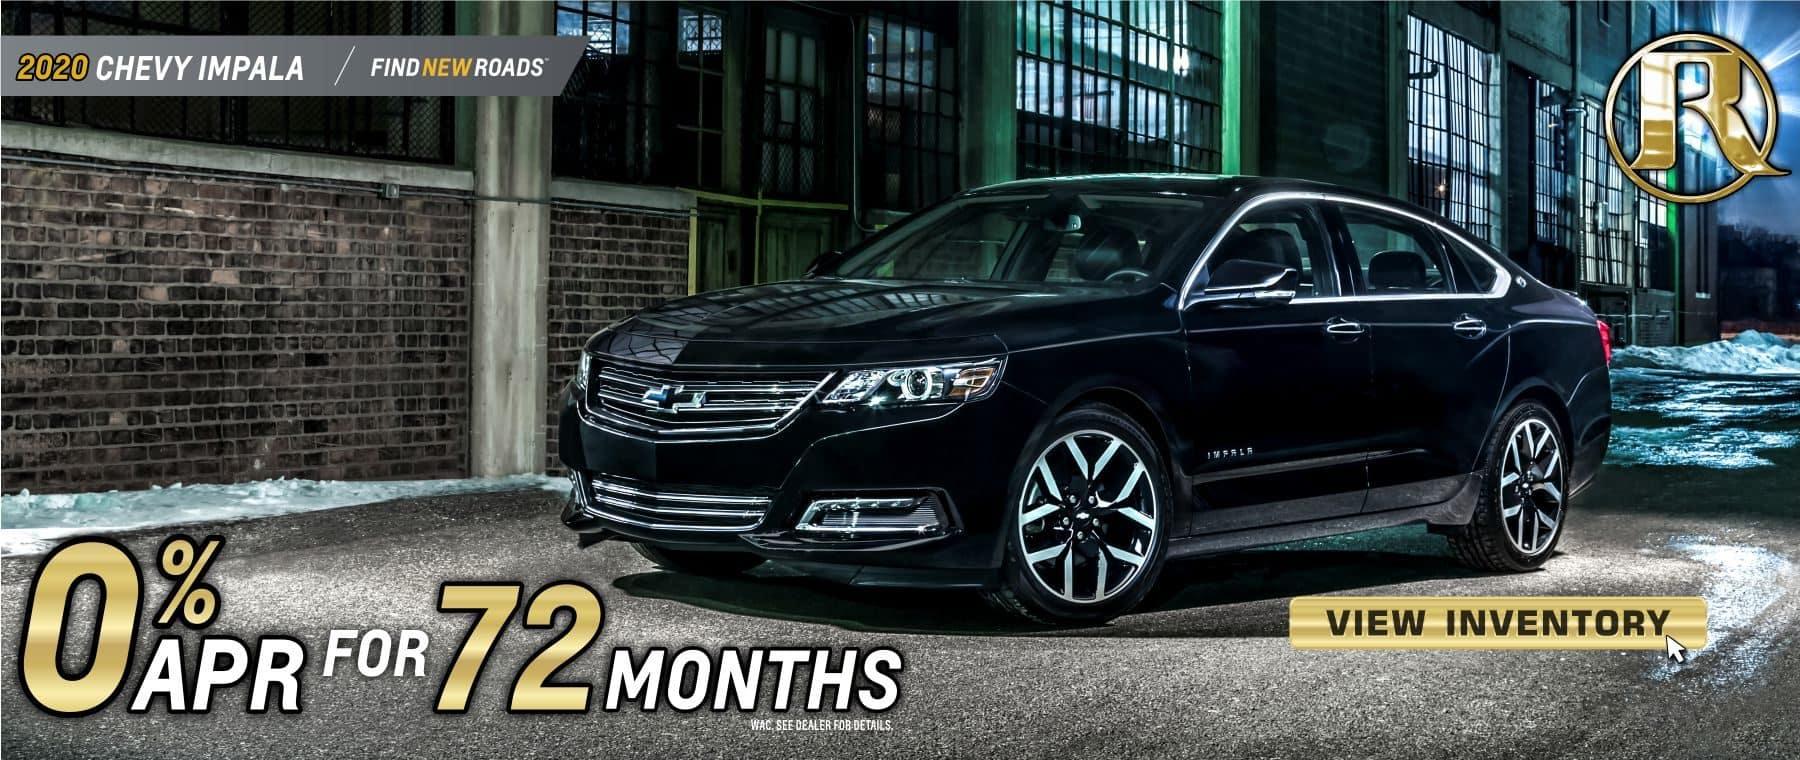 Impala ADS JAN 2021 IMPALA